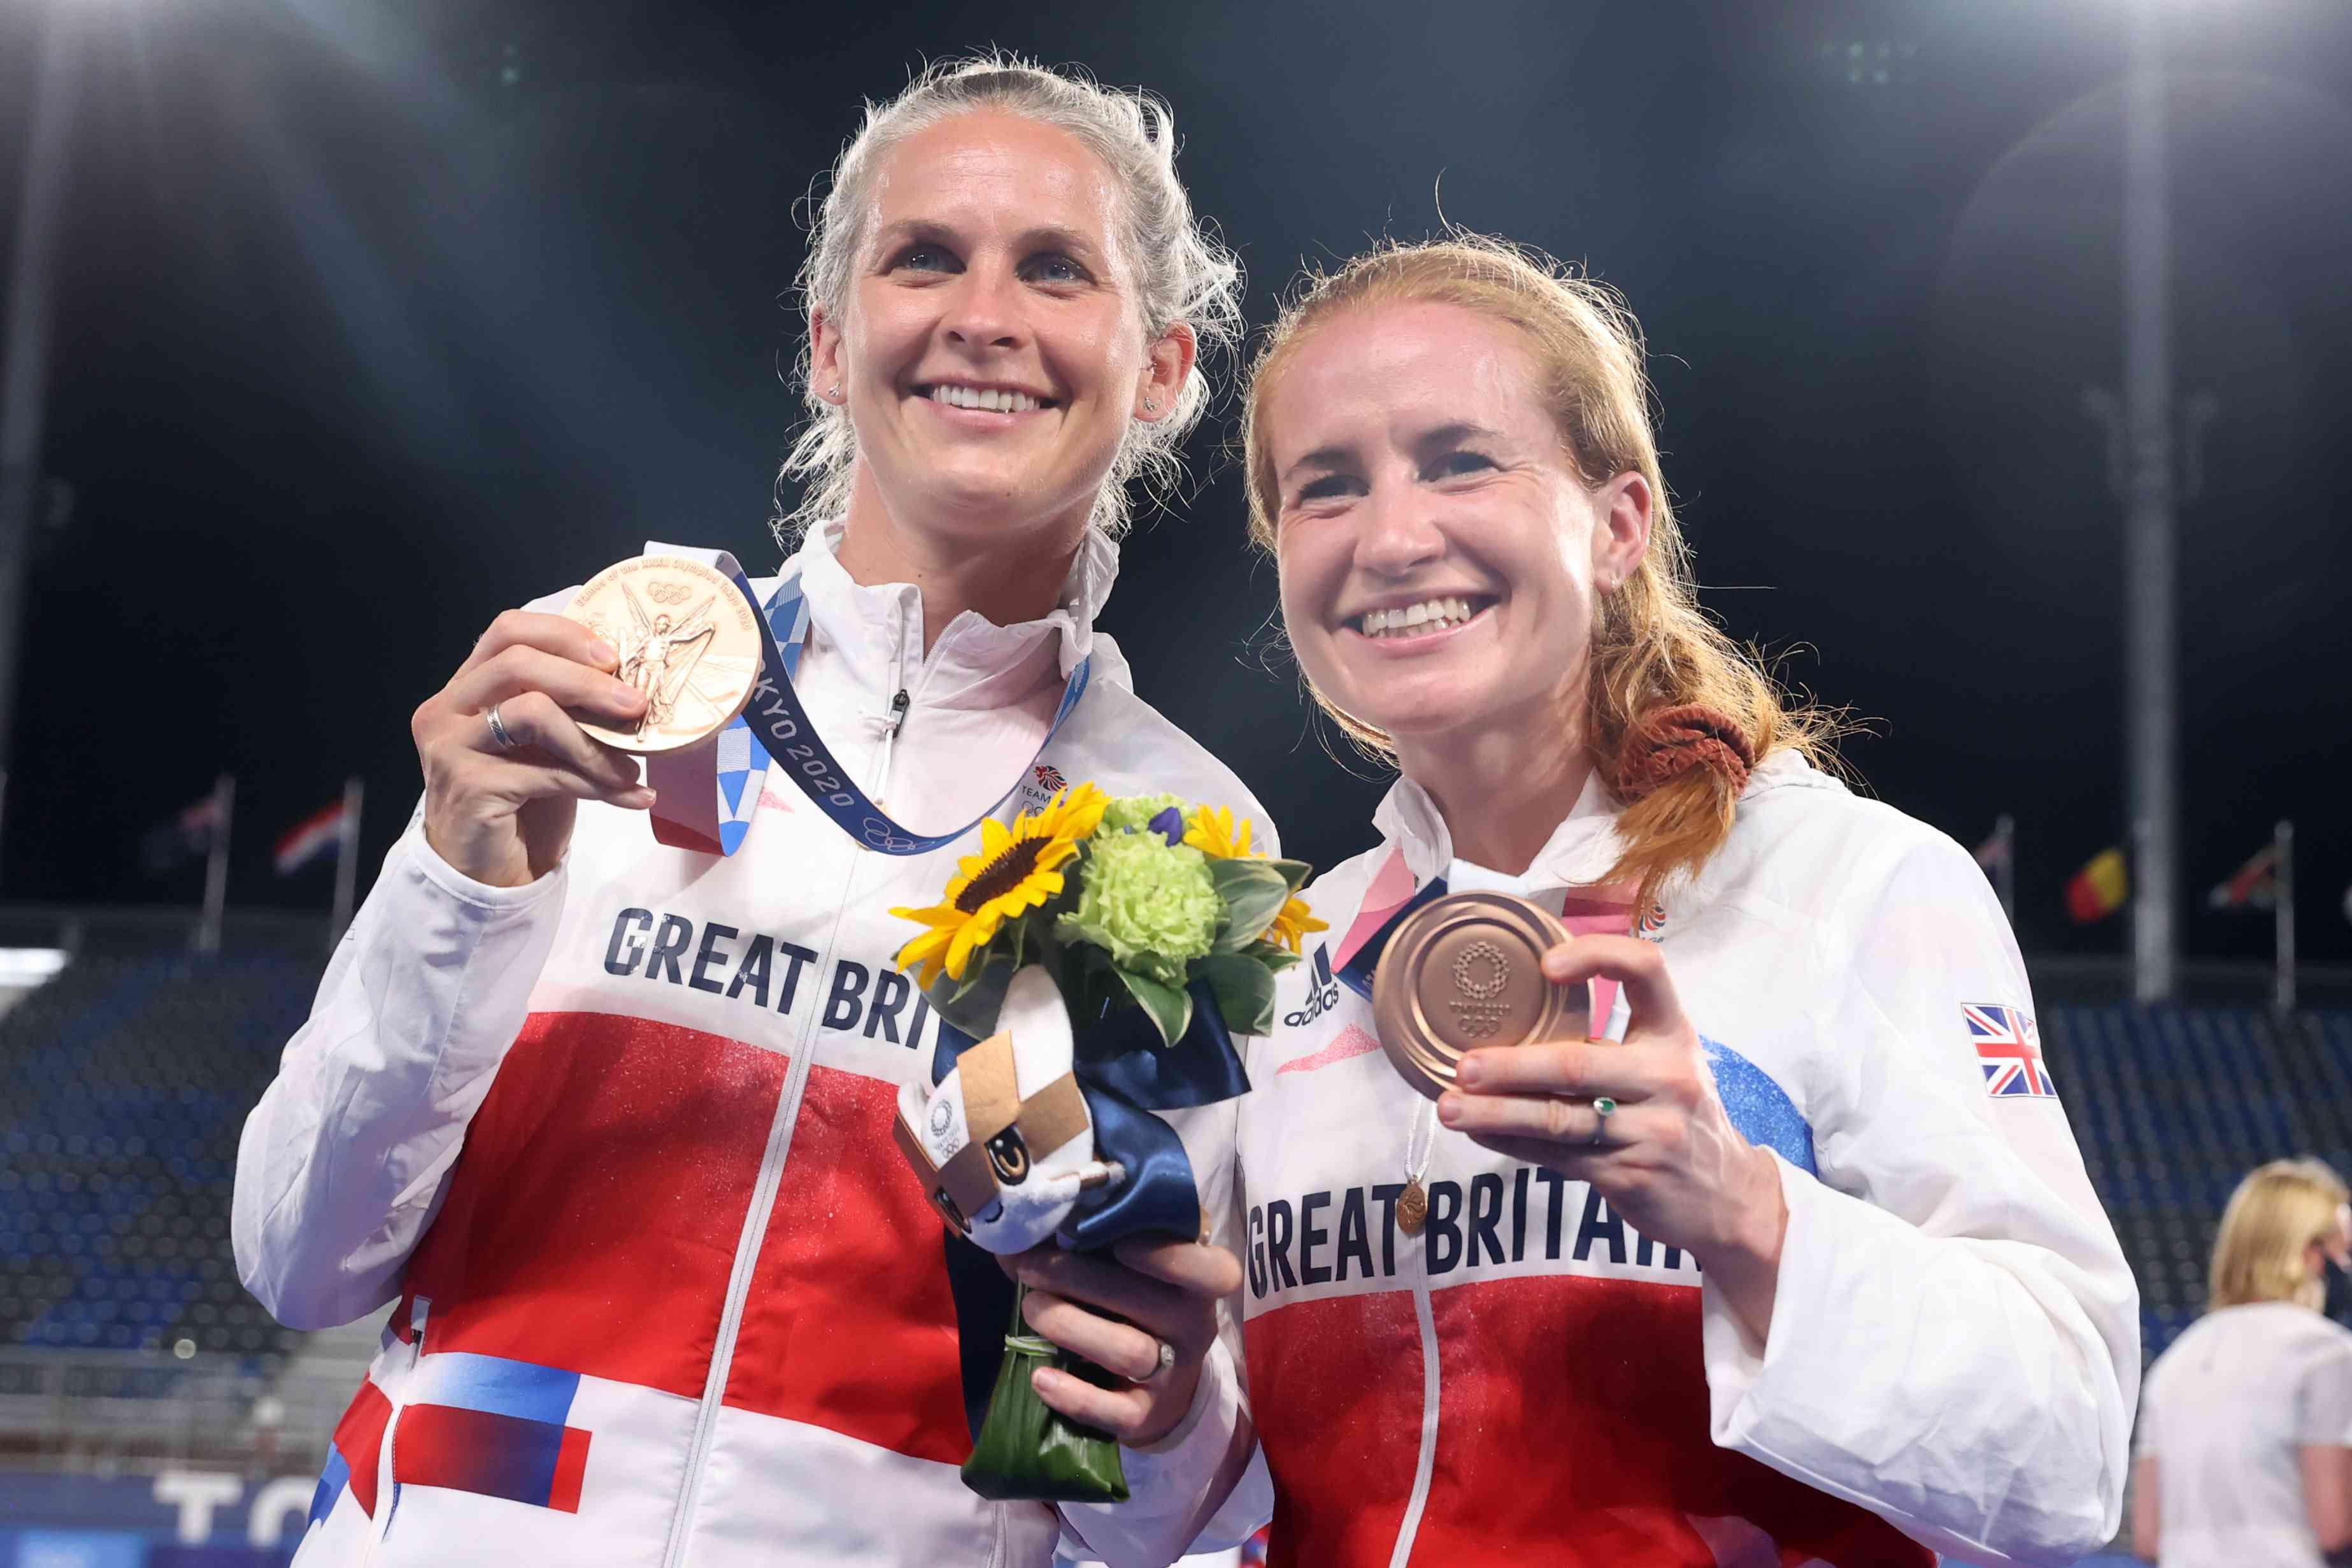 Sarah Jones and Leah Wilkinson